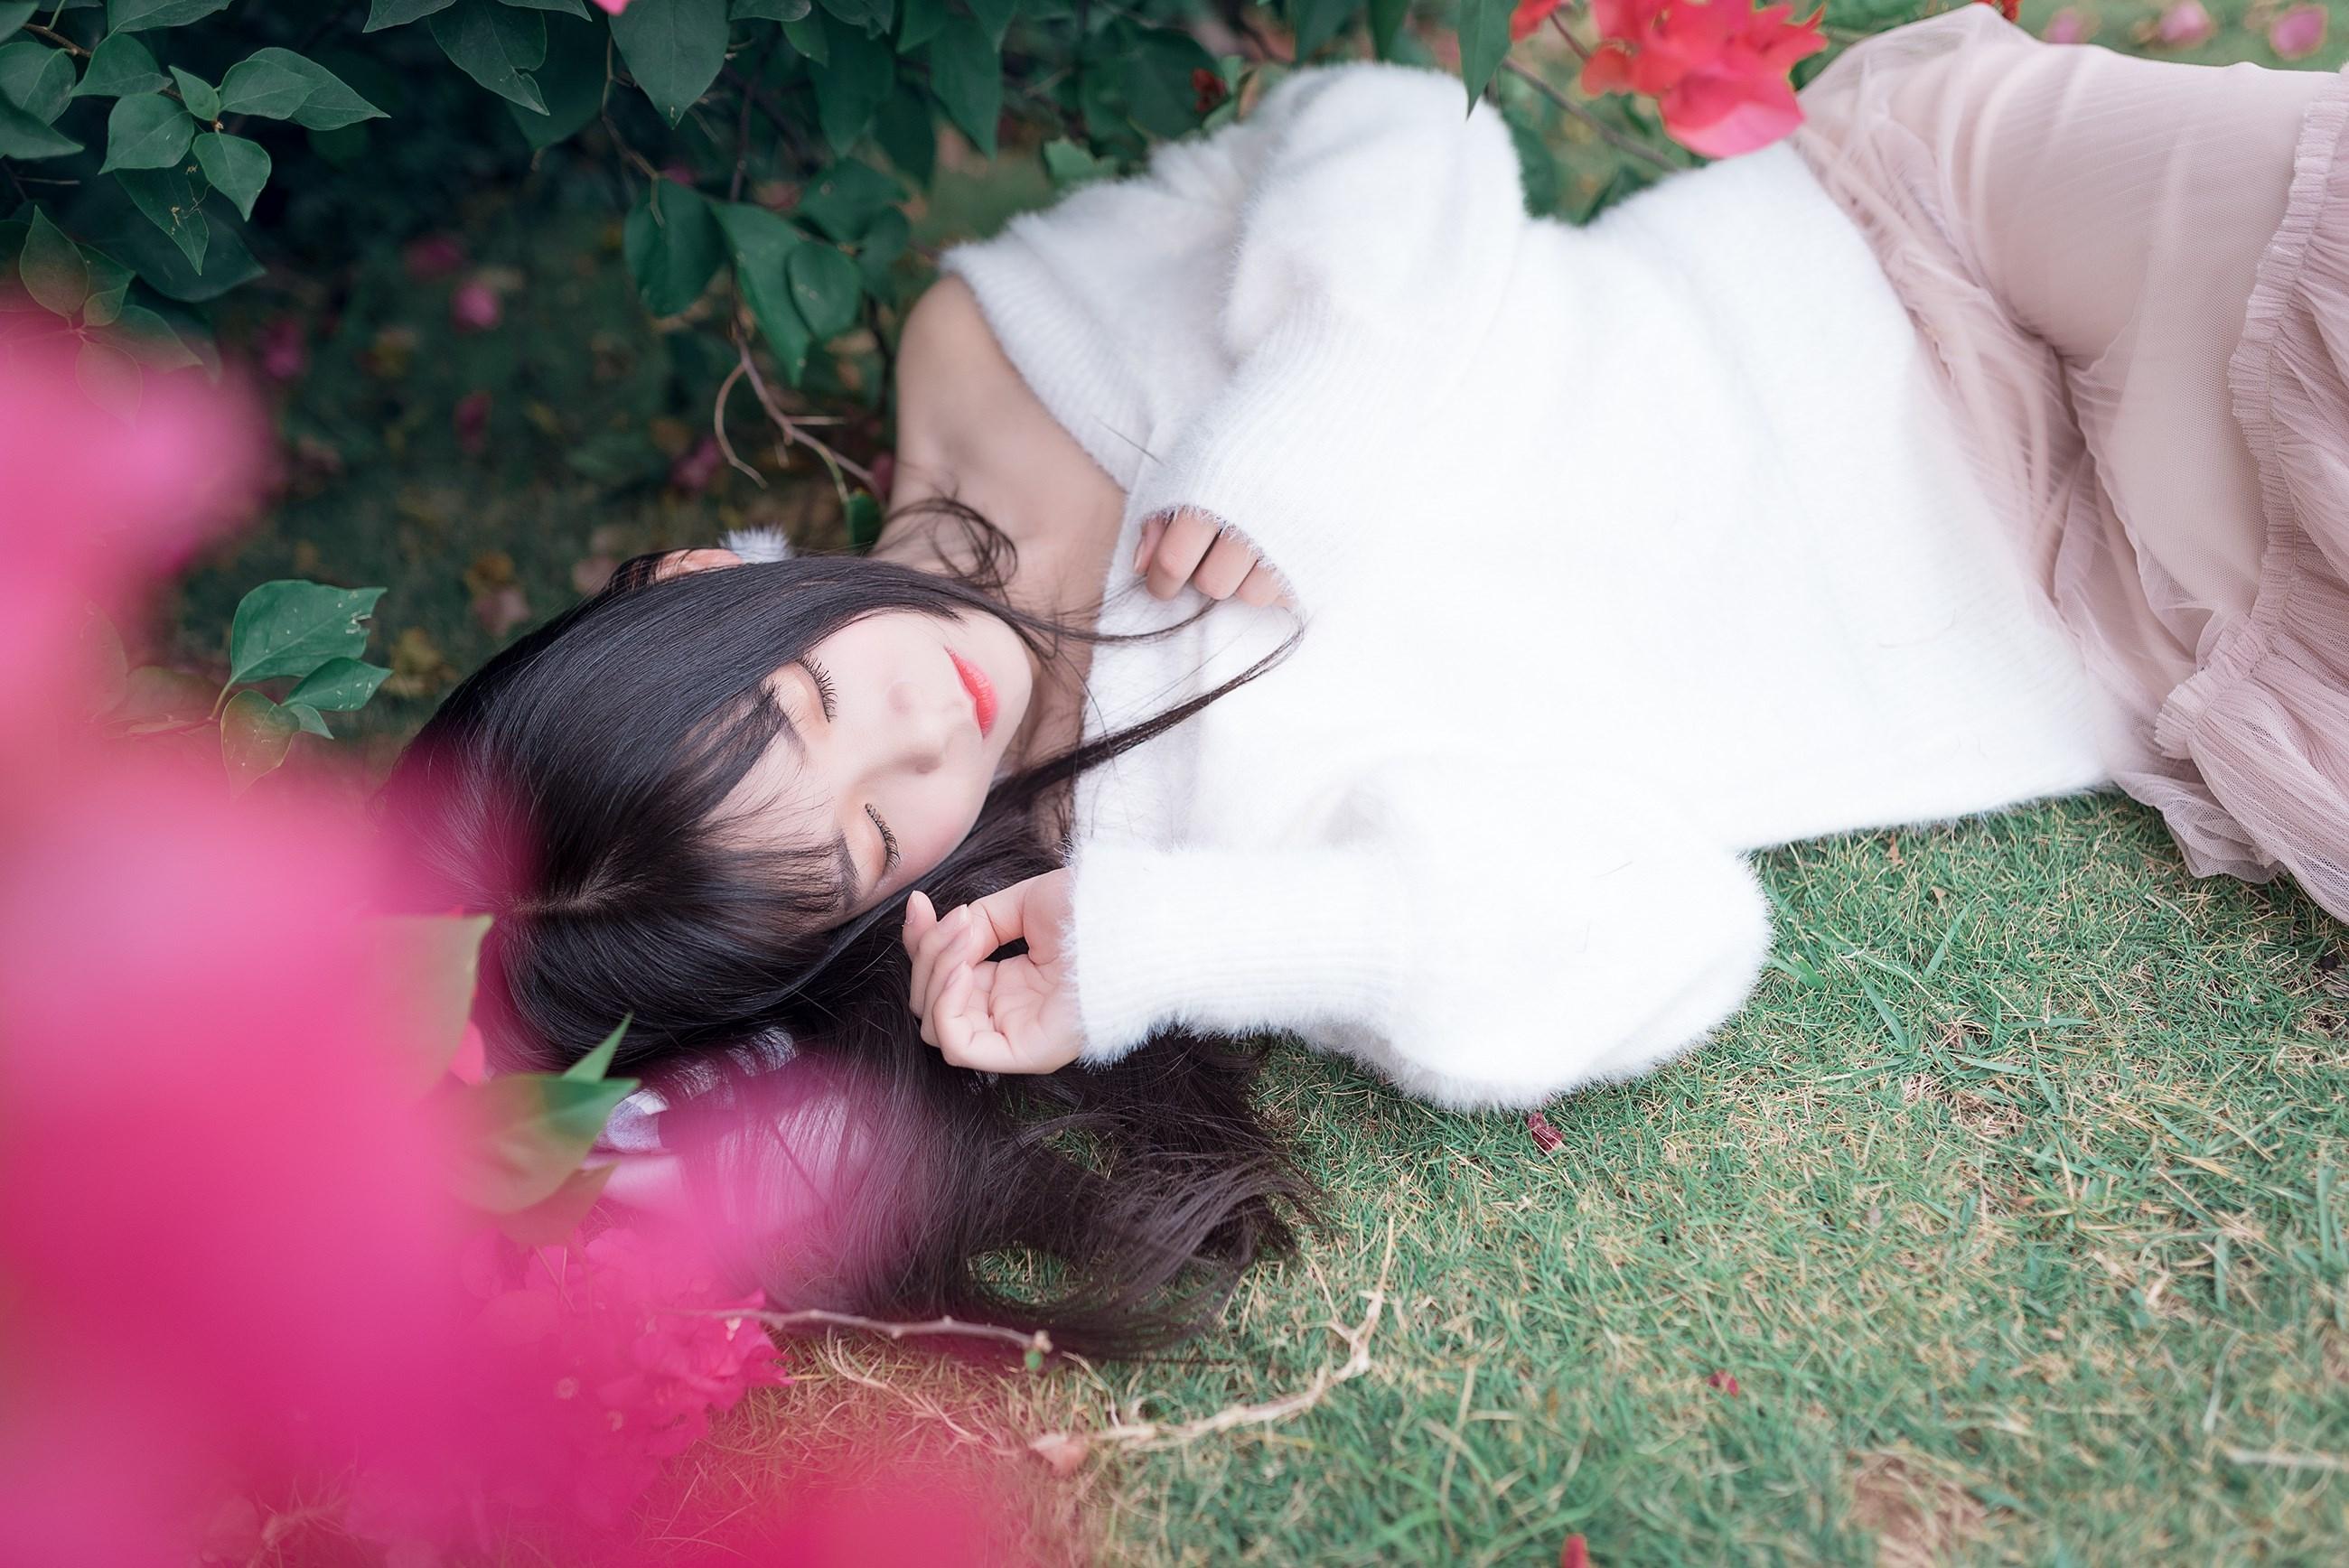 【兔玩映画】肩上的花 兔玩映画 第21张